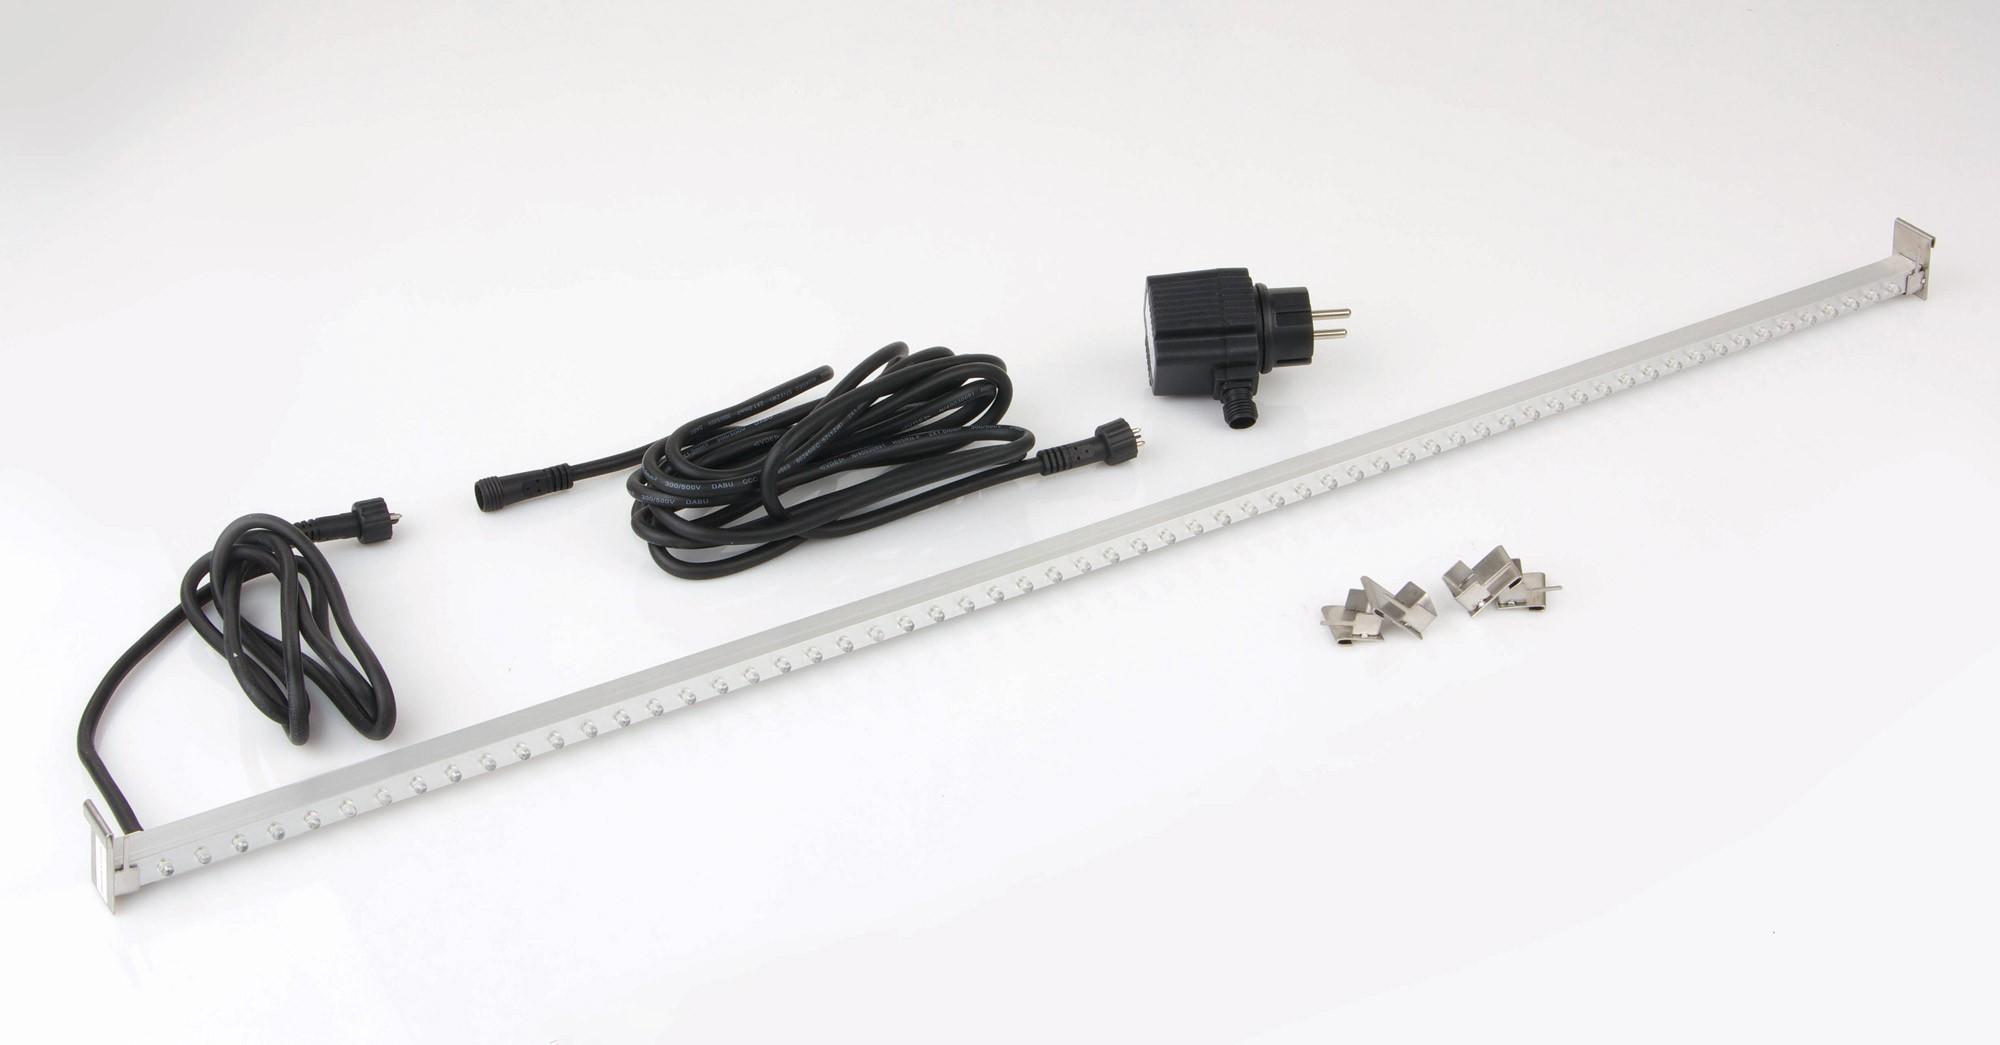 LED-Lichtleiste für Ubbink Wasserfall 62 LEDs weiß L 90cm Bild 1